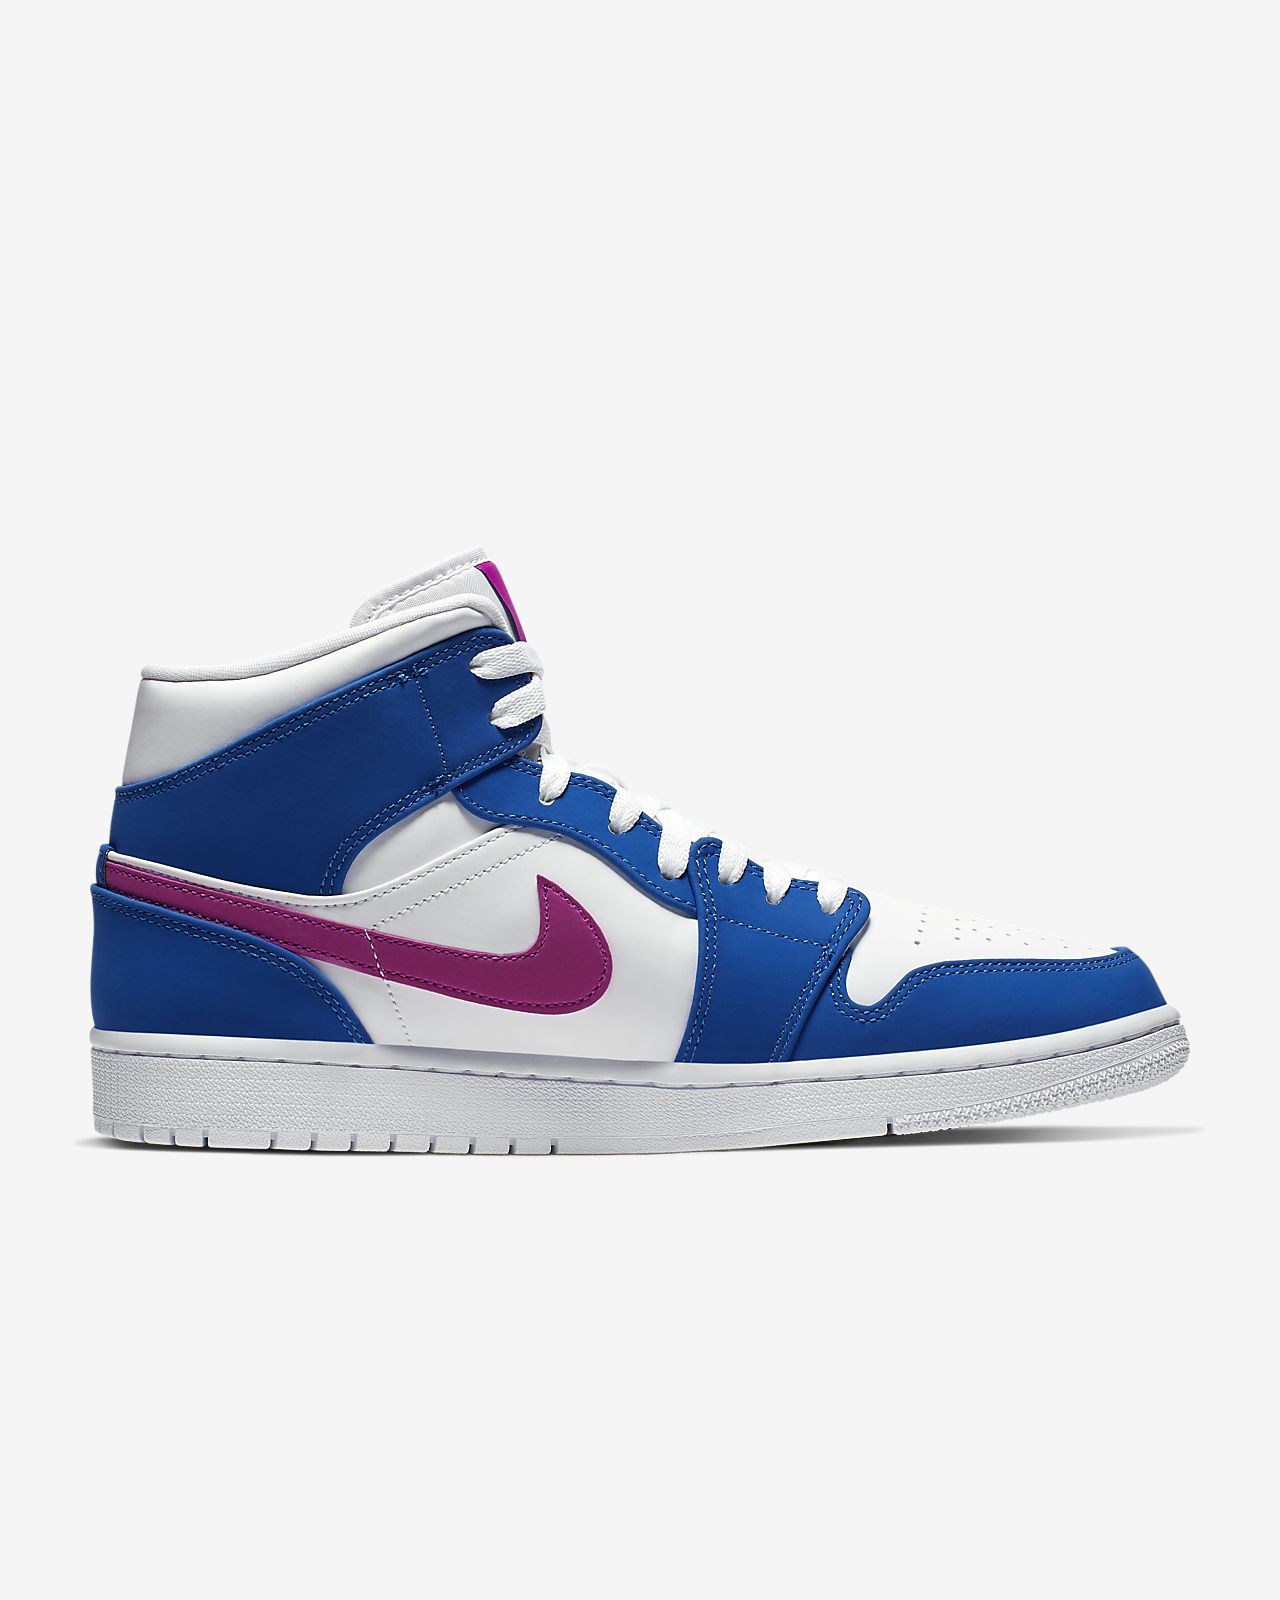 8a9febdc8d1 Air Jordan 1 Mid Men's Shoe